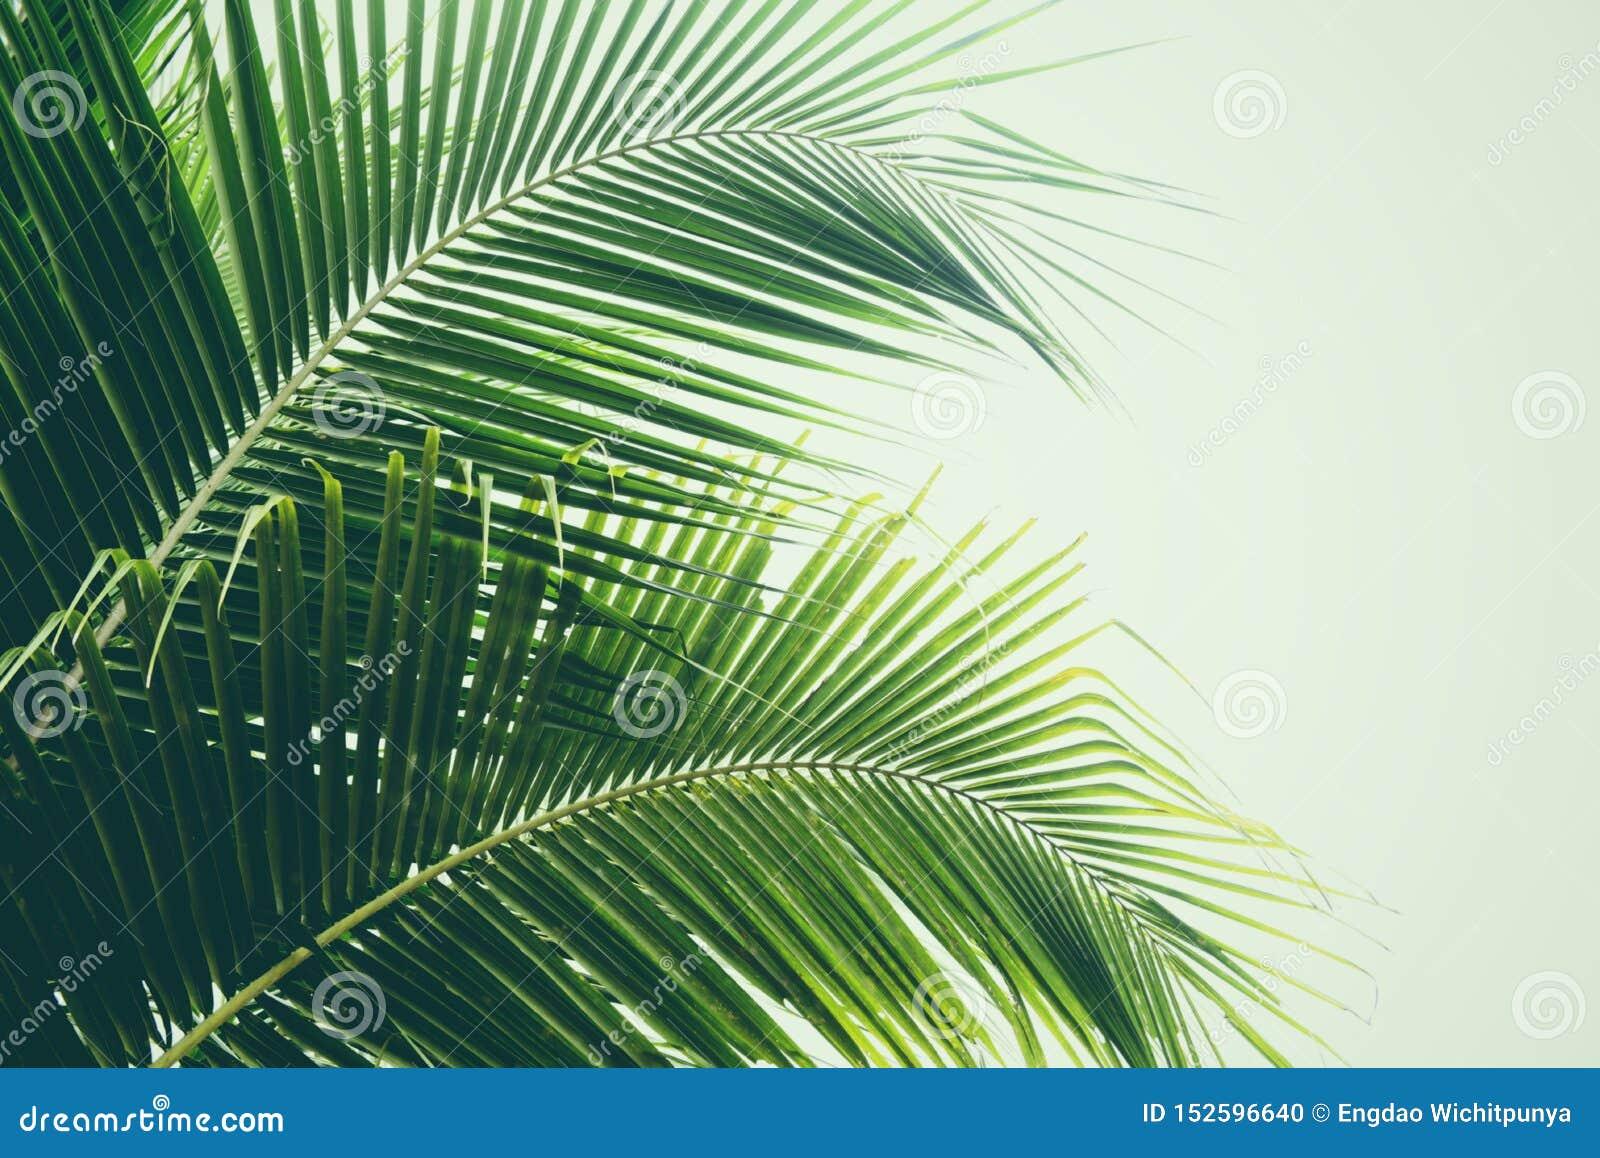 Palmette verte fraîche sur des feuilles de plante tropicale d arbre de noix de coco